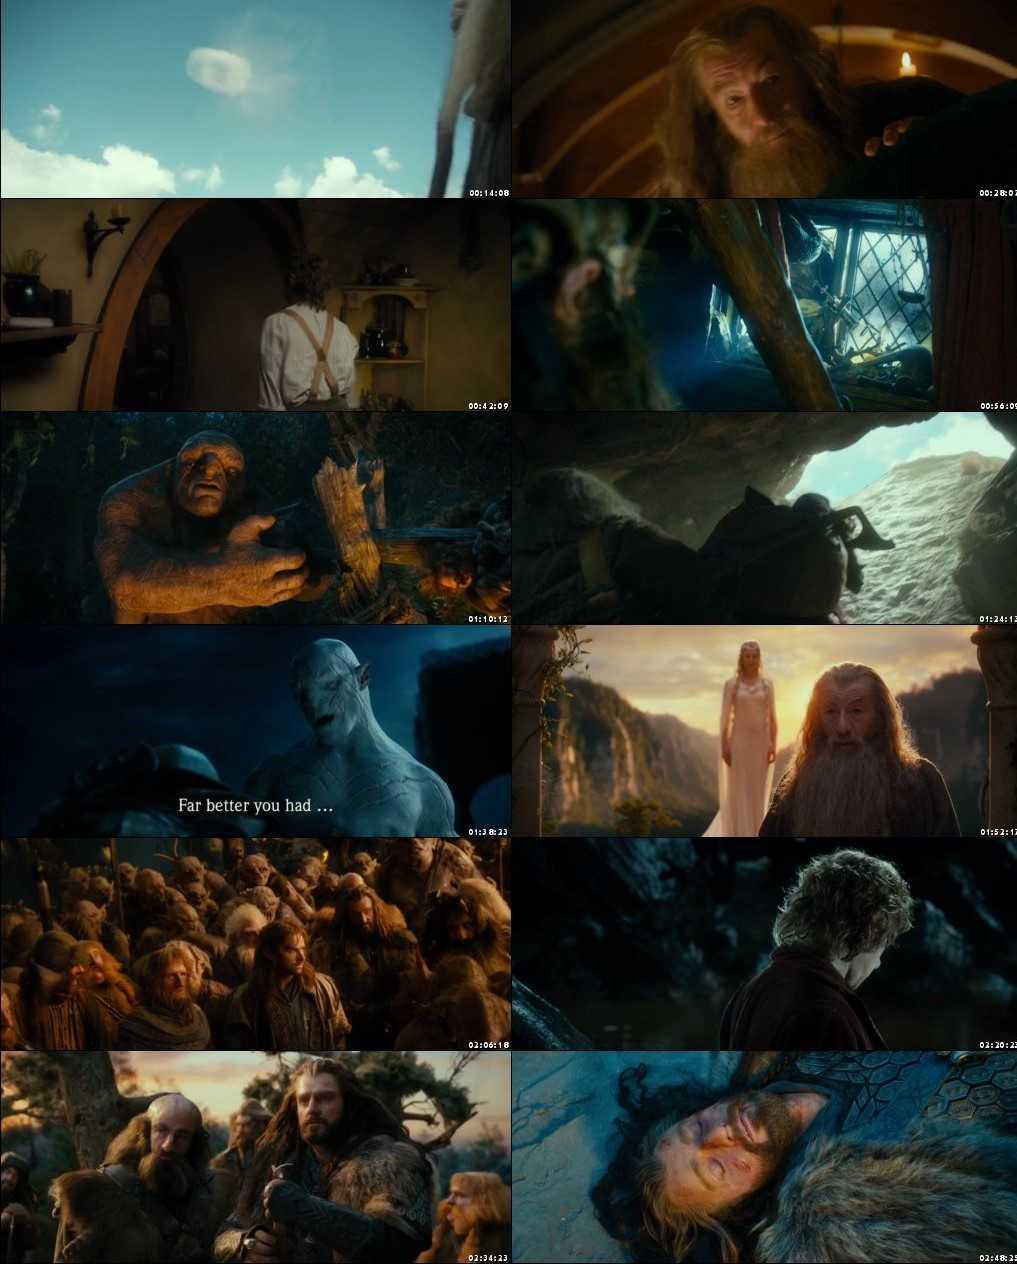 The Hobbit: An Unexpected Journey 2012 Screenshot